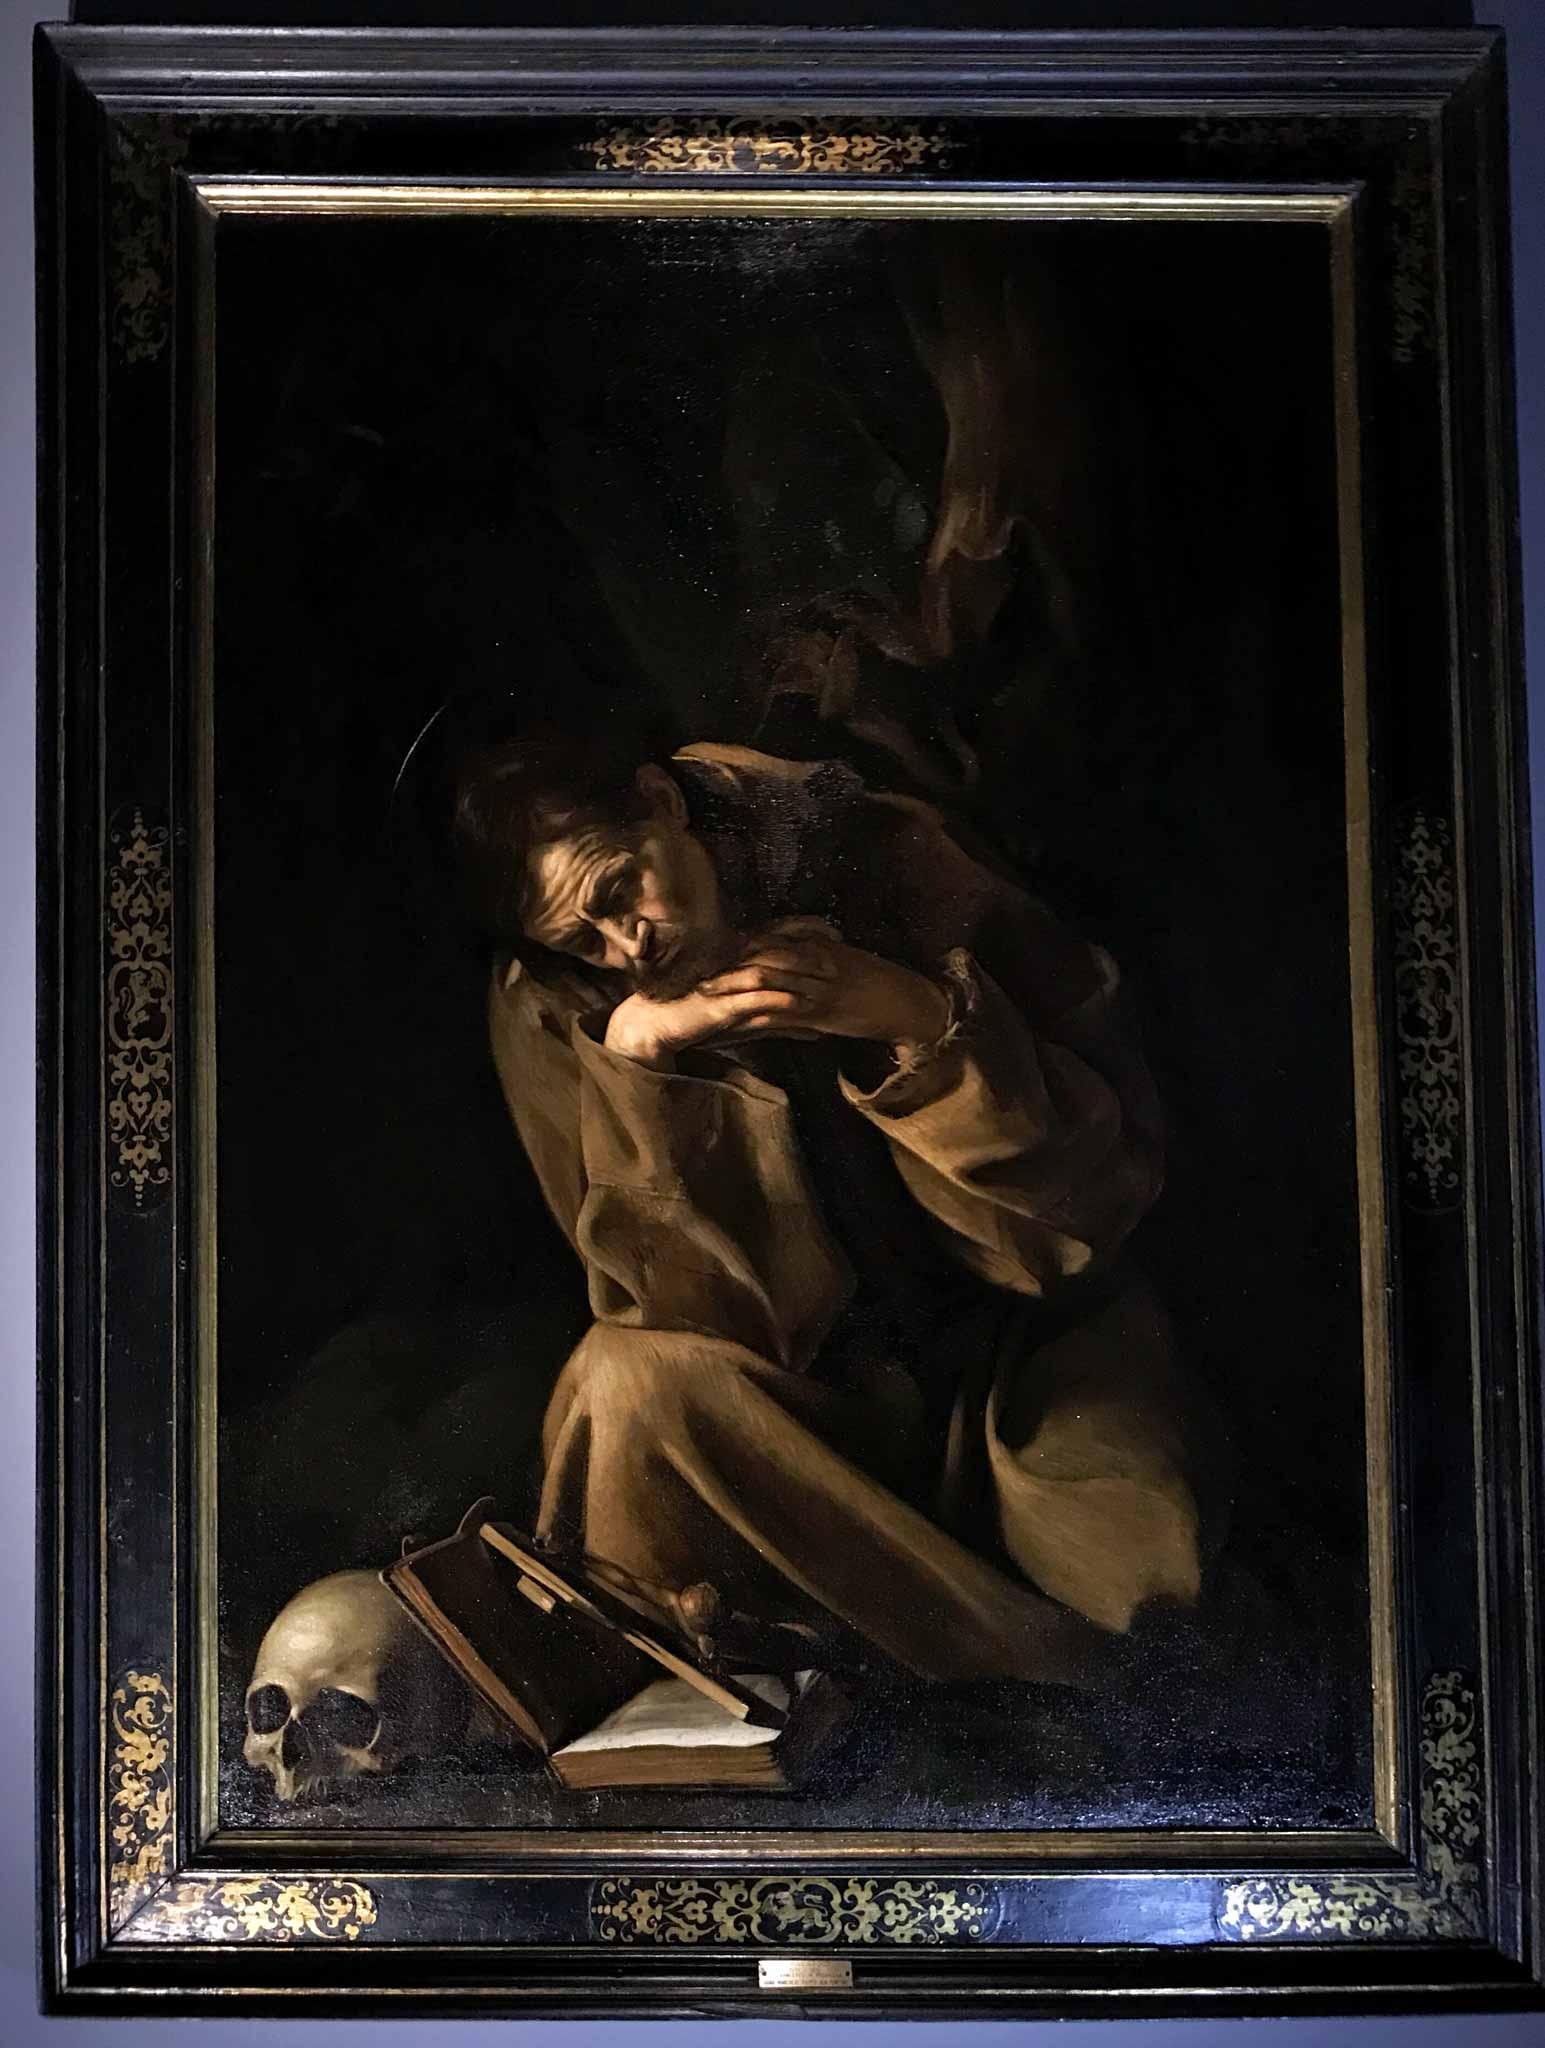 san-francesco-in-meditazione-caravaggio-Museo-civico-ala-ponzone-cremona